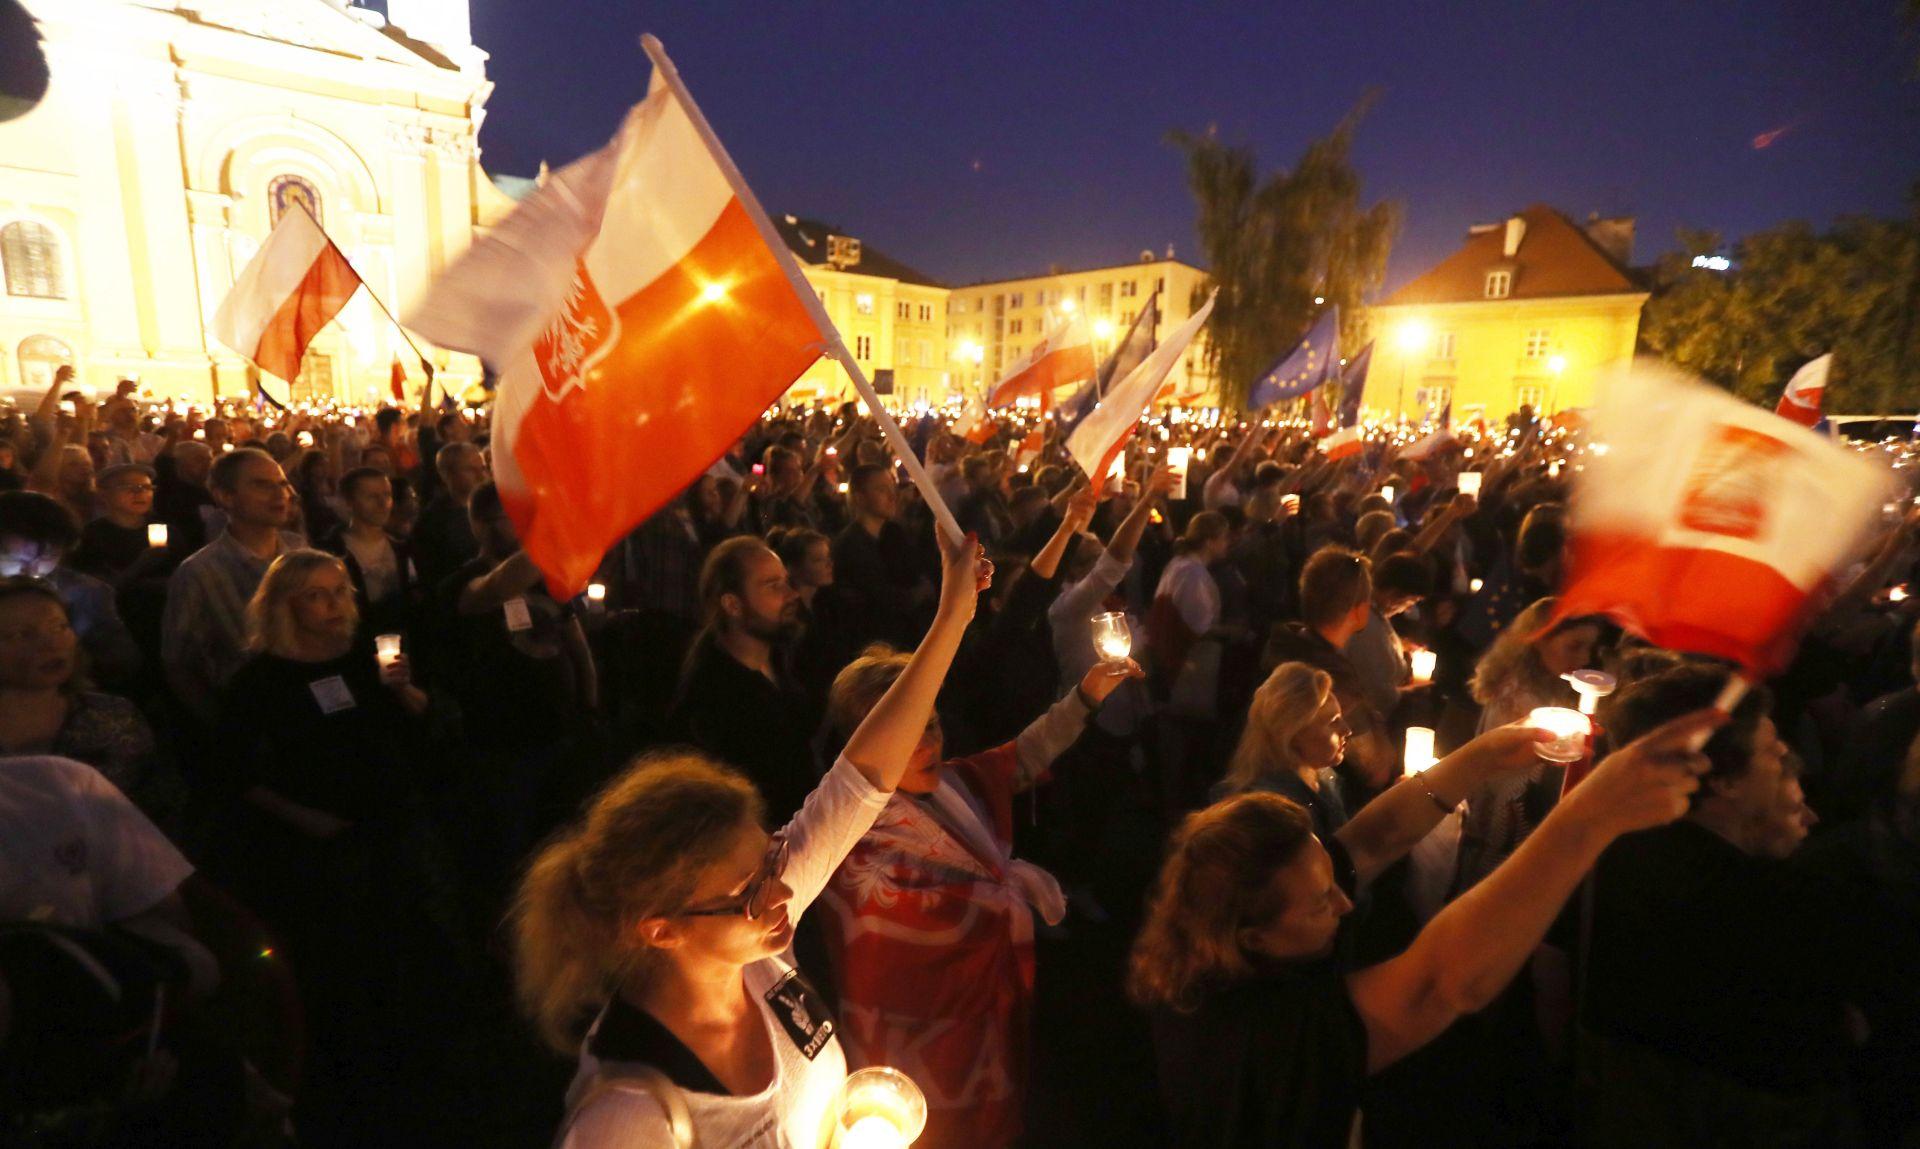 Poljski predsjednik Duda neočekivano odlučio staviti veto na nacrte zakona